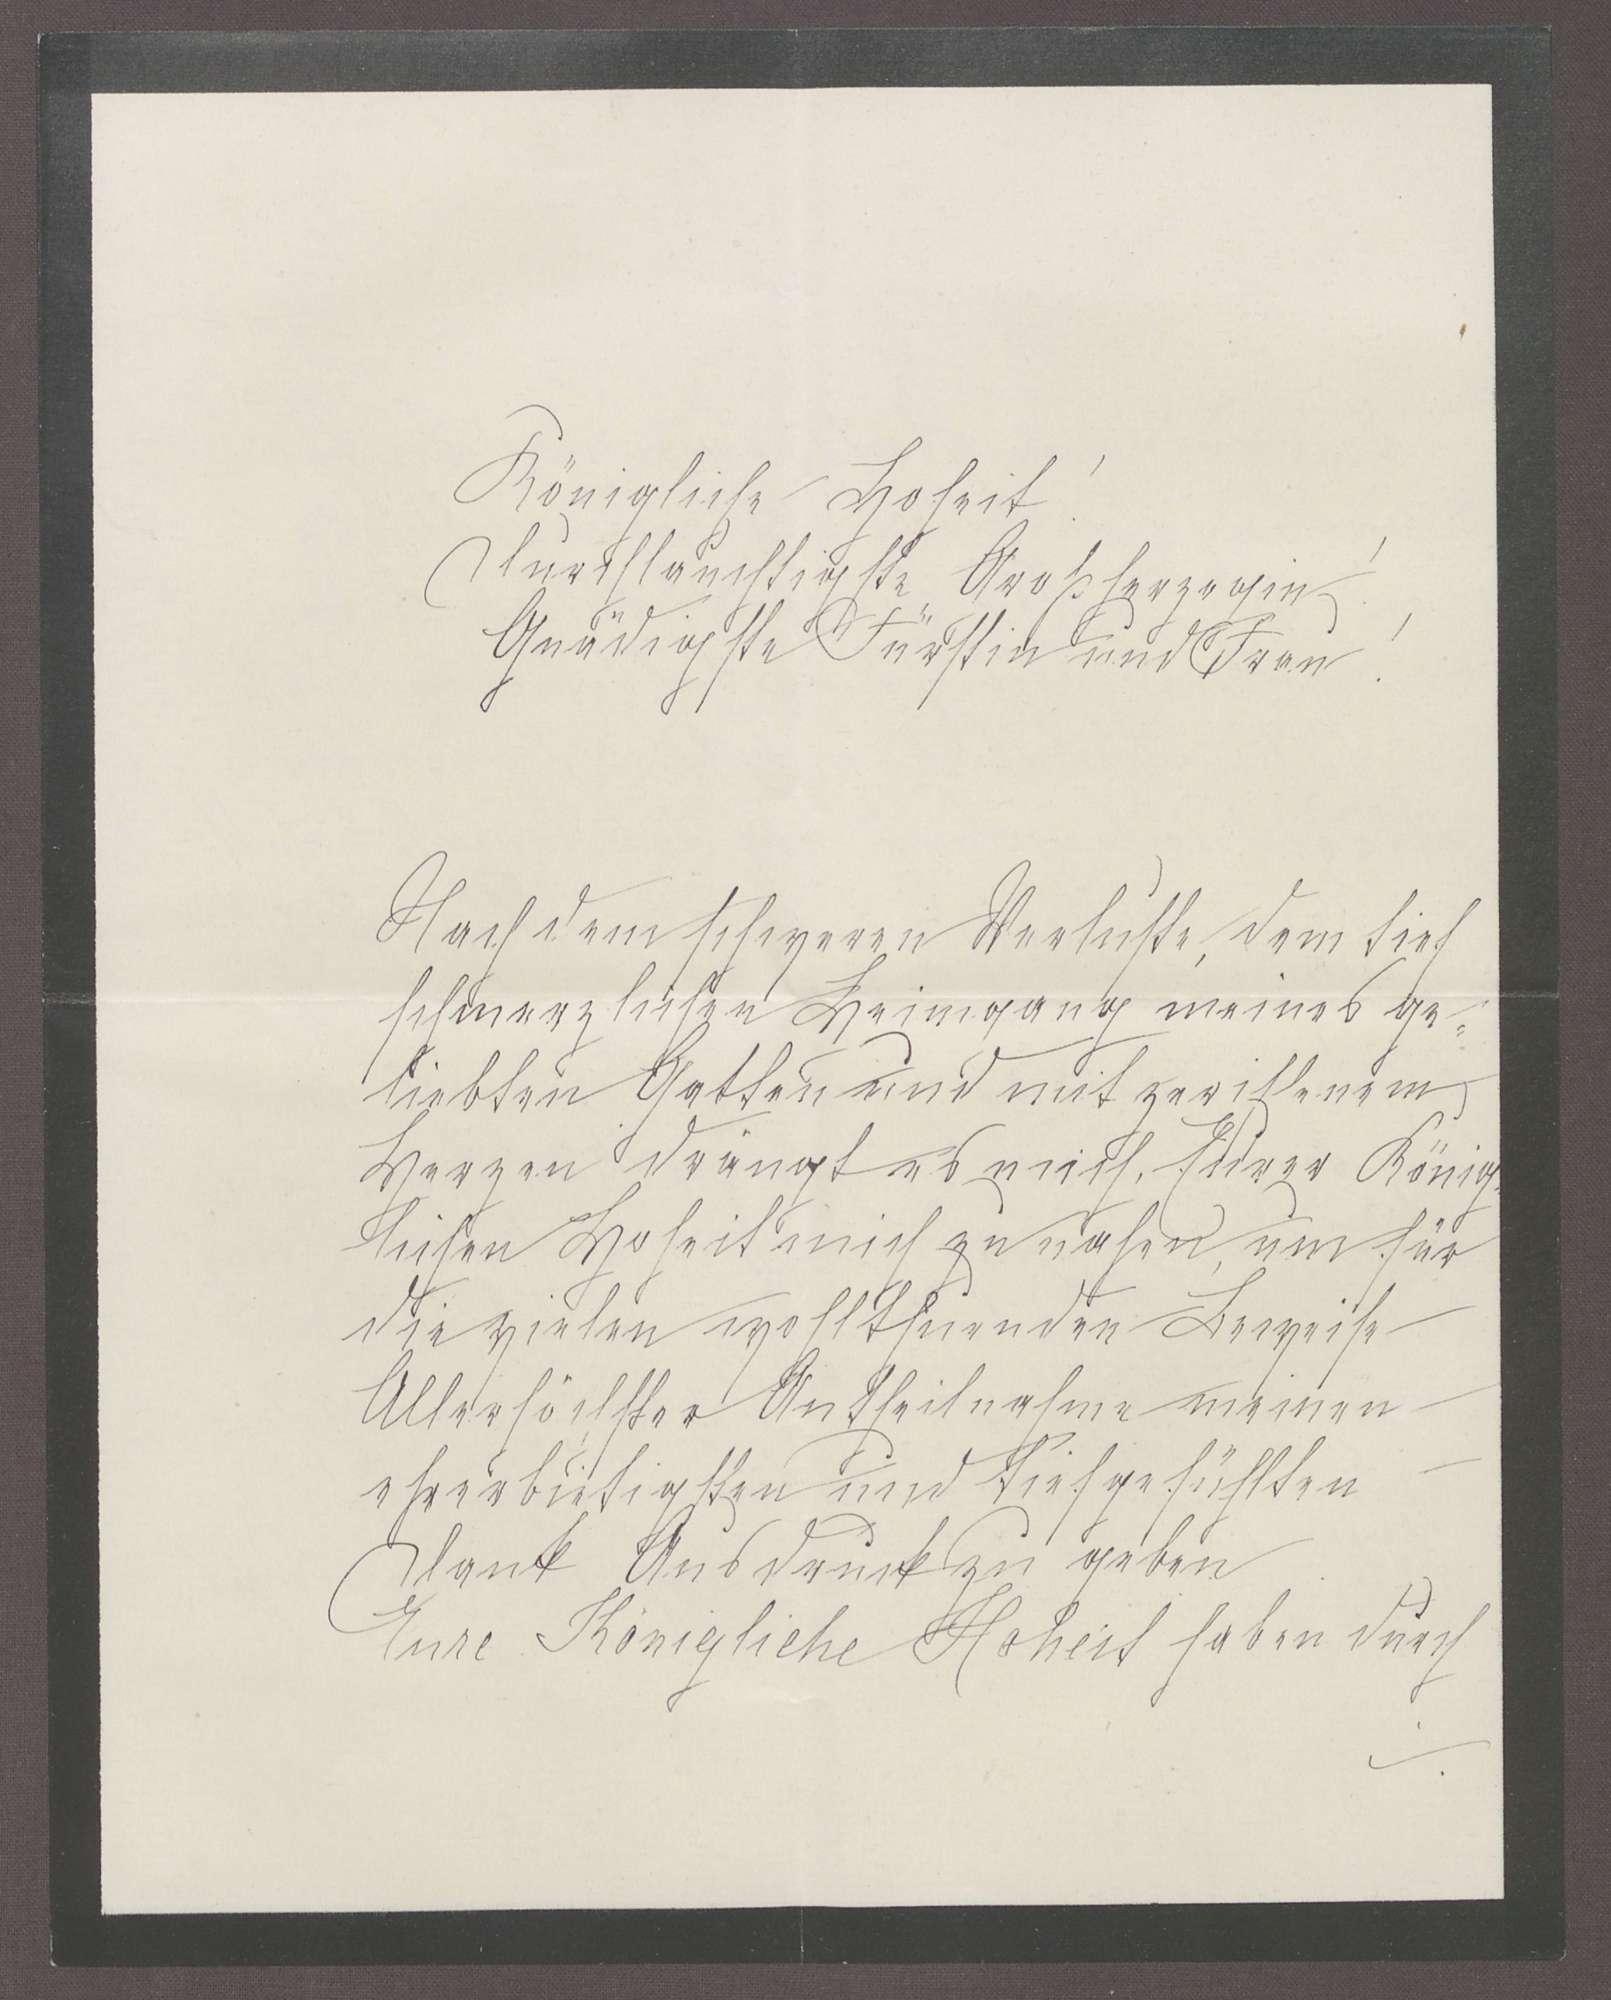 Schreiben von Anna Haas an die Großherzogin Luise; Tod des Ehemannes von Anna Haas und Dank für Anteilnahme durch die Großherzogin, Bild 1